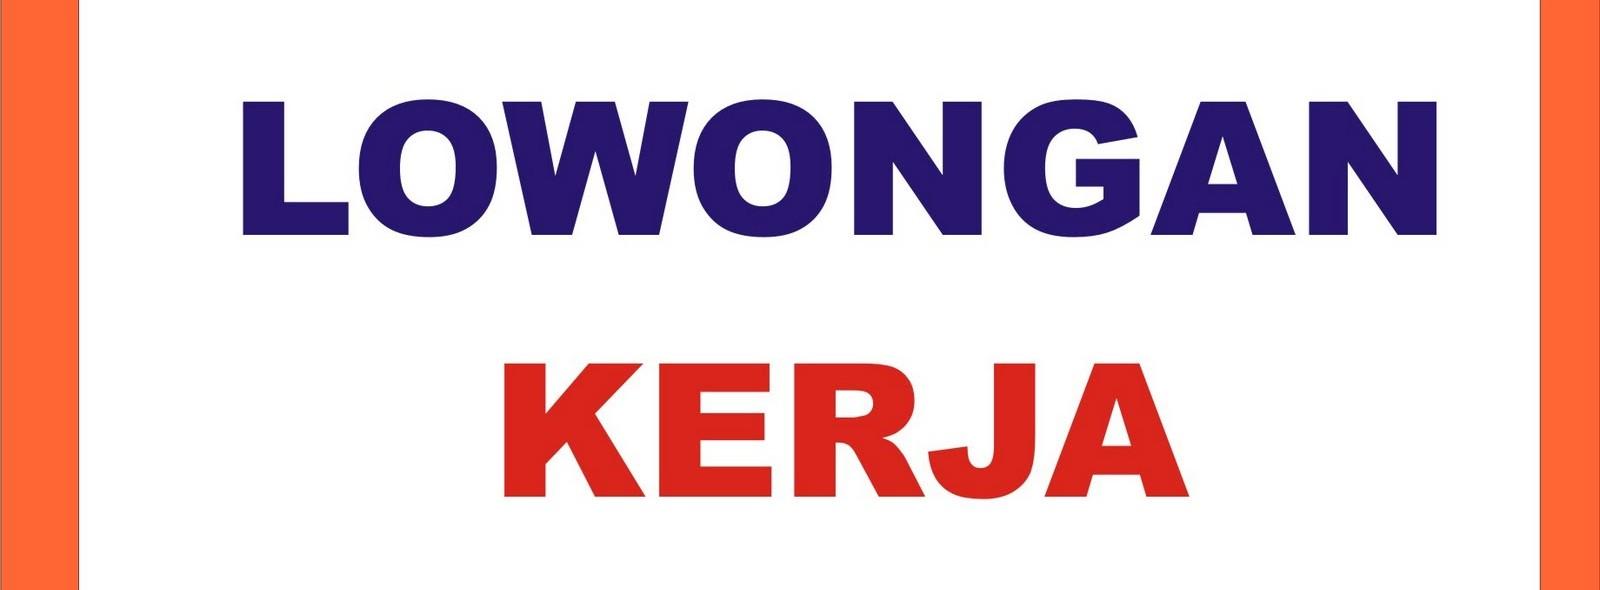 Lowongan Kerja Guru Bekasi 2013 Info Terbaru 2016 Info Harian Terbaru Lowongan Pkh Kemsos Pusat Info Bumn Cpns 2015 Share The Knownledge